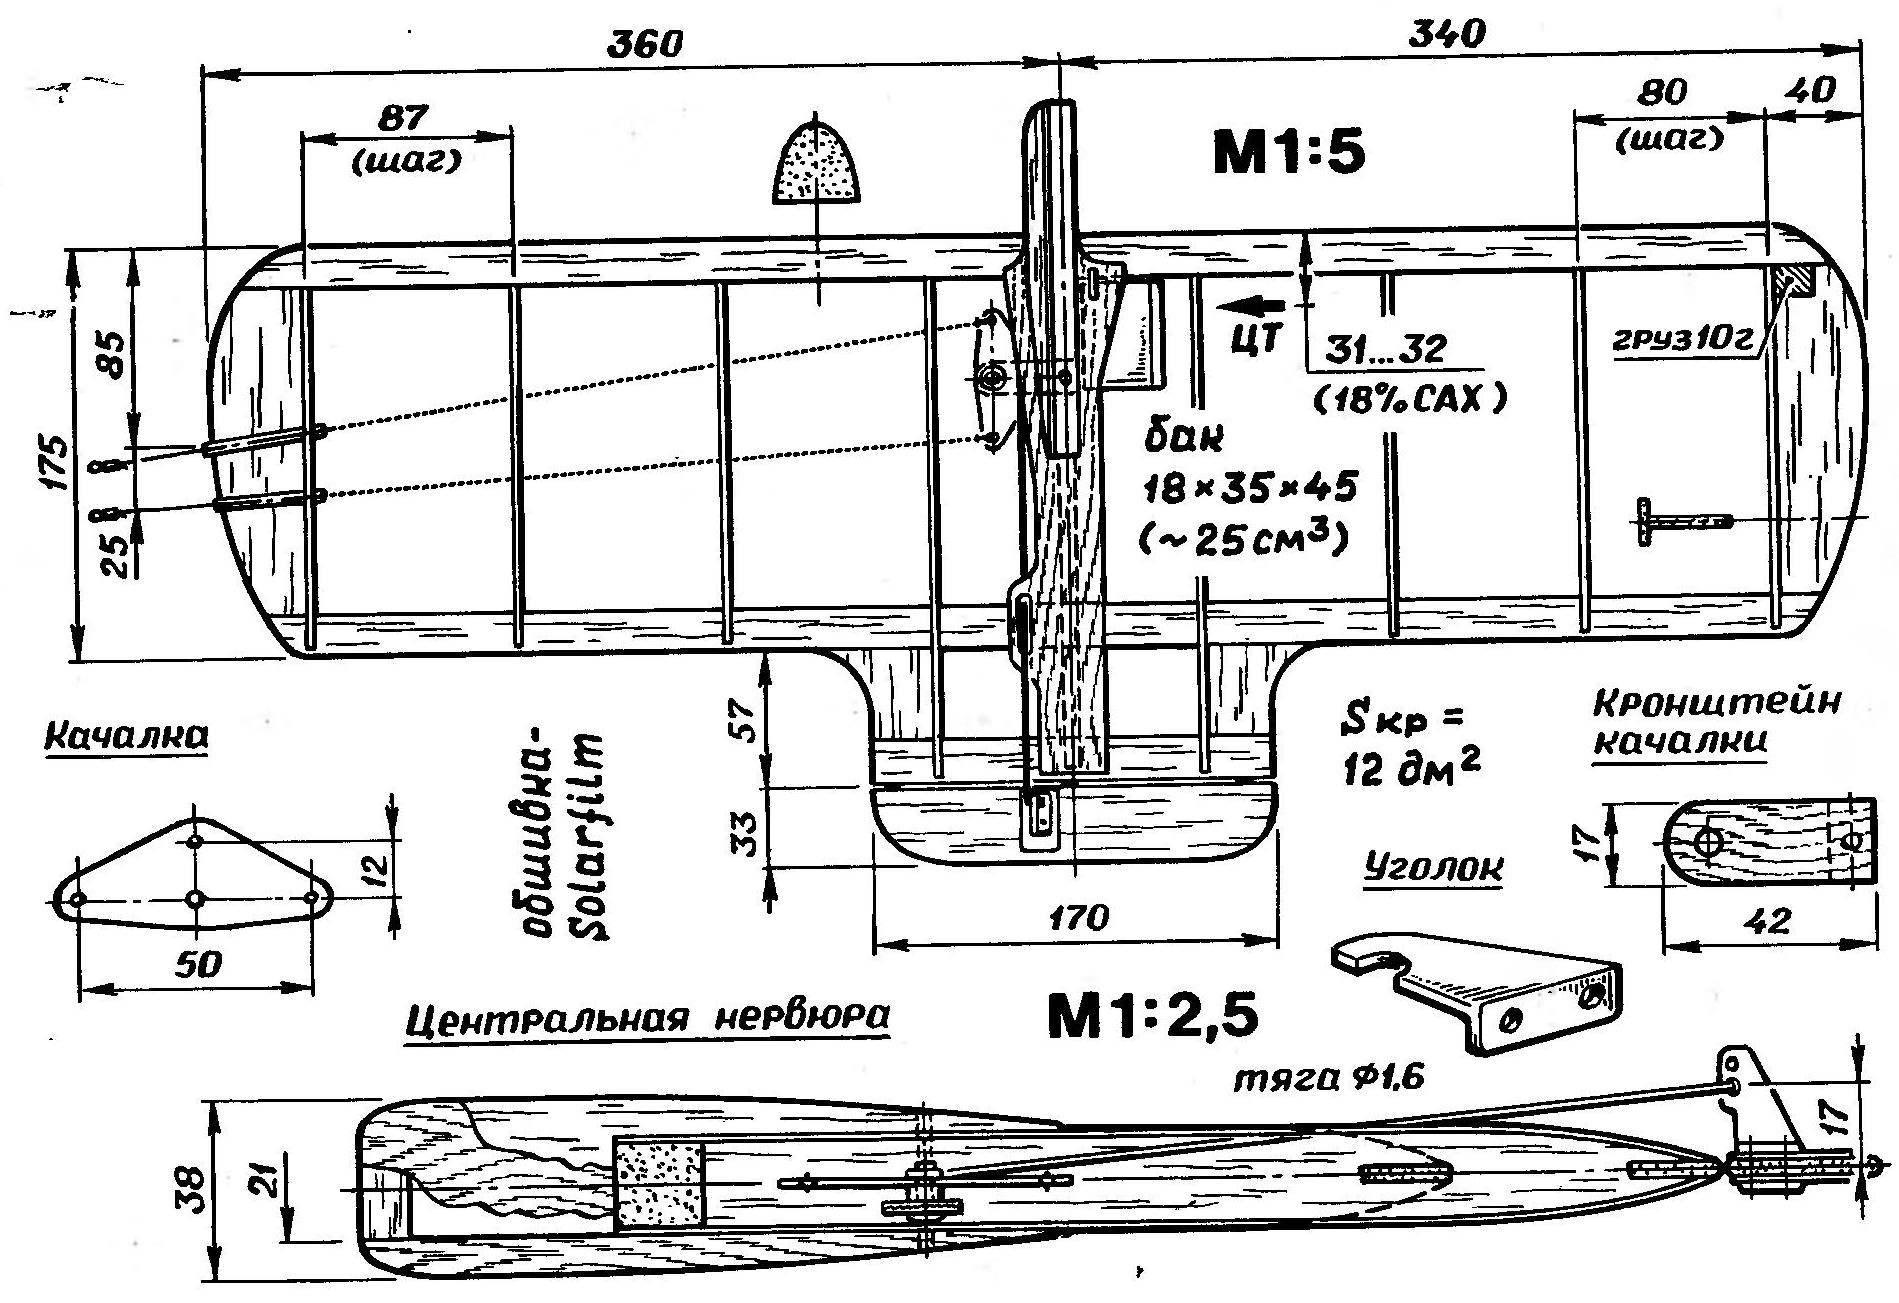 Рис. 2. Чемпионатная модель воздушного боя английских спортсменов под двигатель рабочим объемом 1...1,5 см3 («школьный» подкласс бойцовок). На фото показан монтаж предохранительн